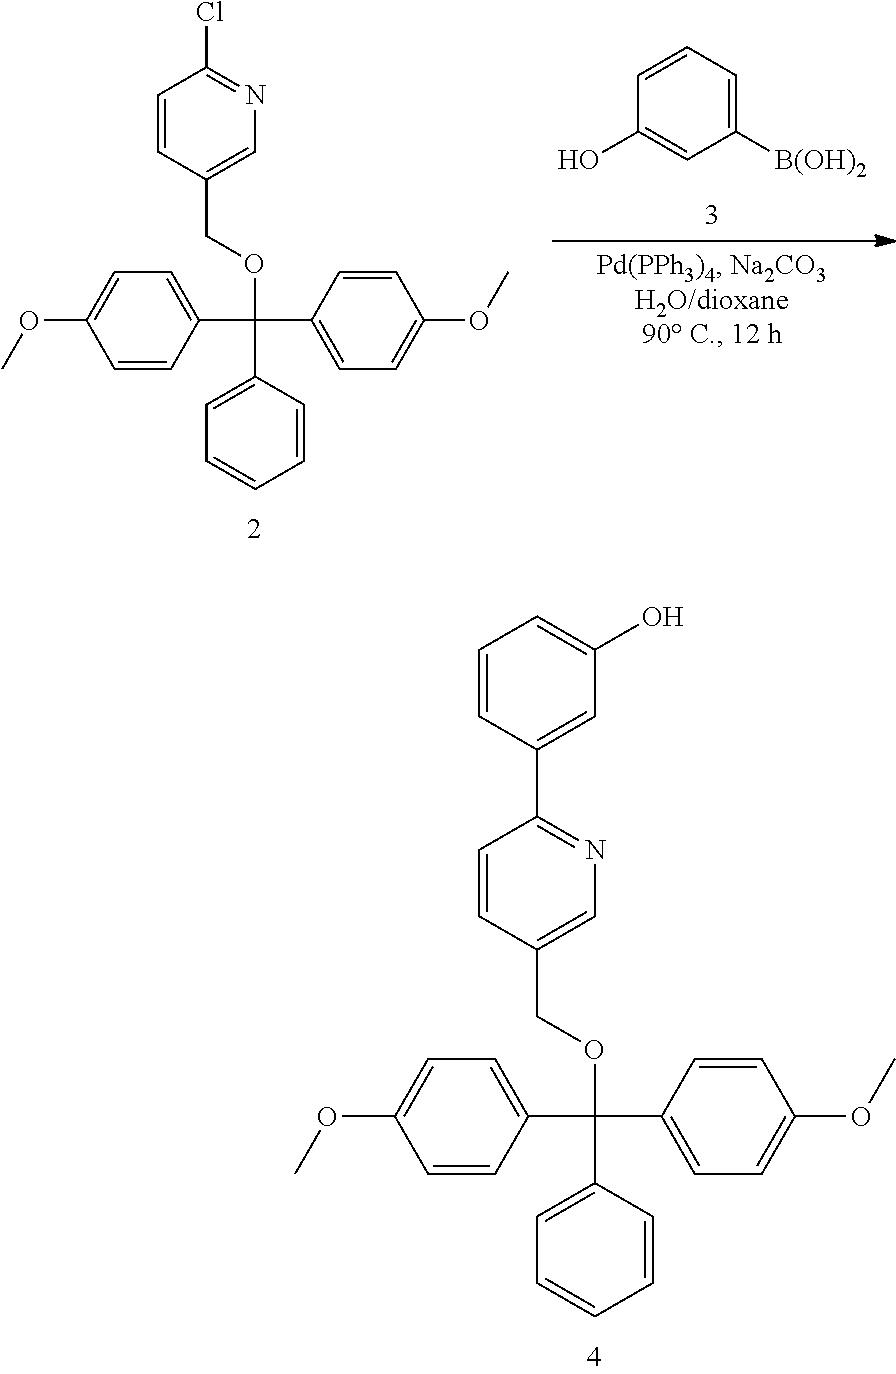 Figure US09988627-20180605-C00284